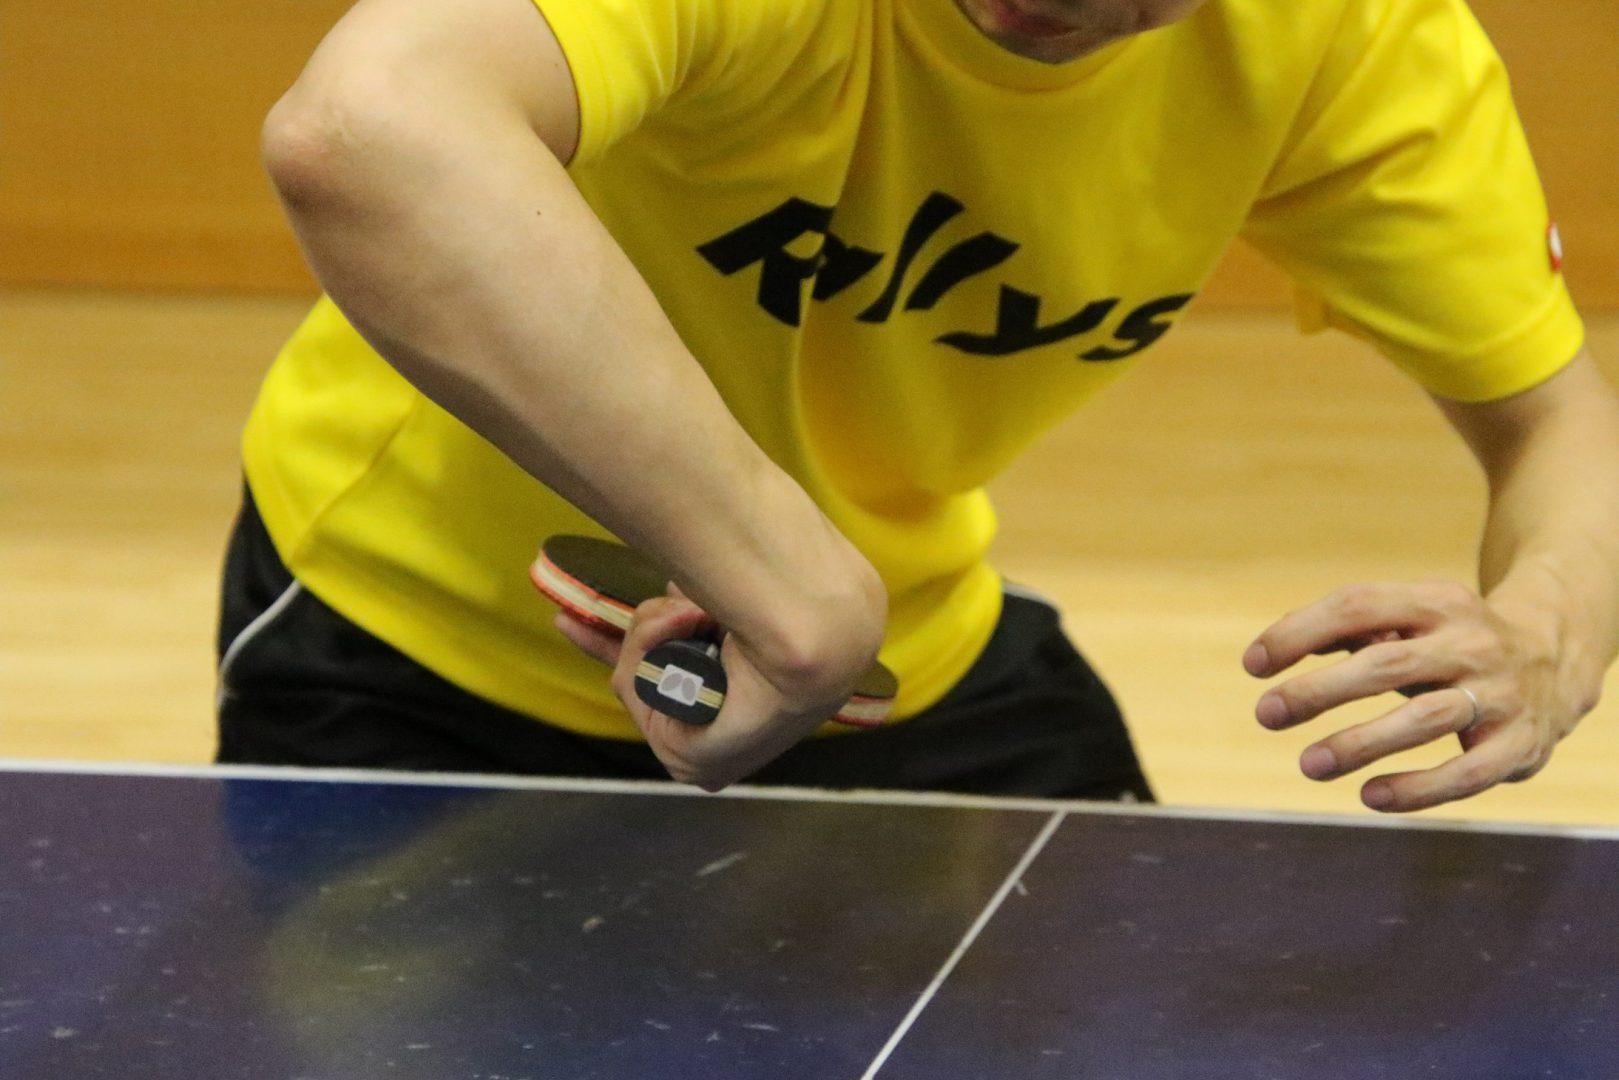 【初心者必見】チキータのやり方とコツ|卓球基本技術レッスン